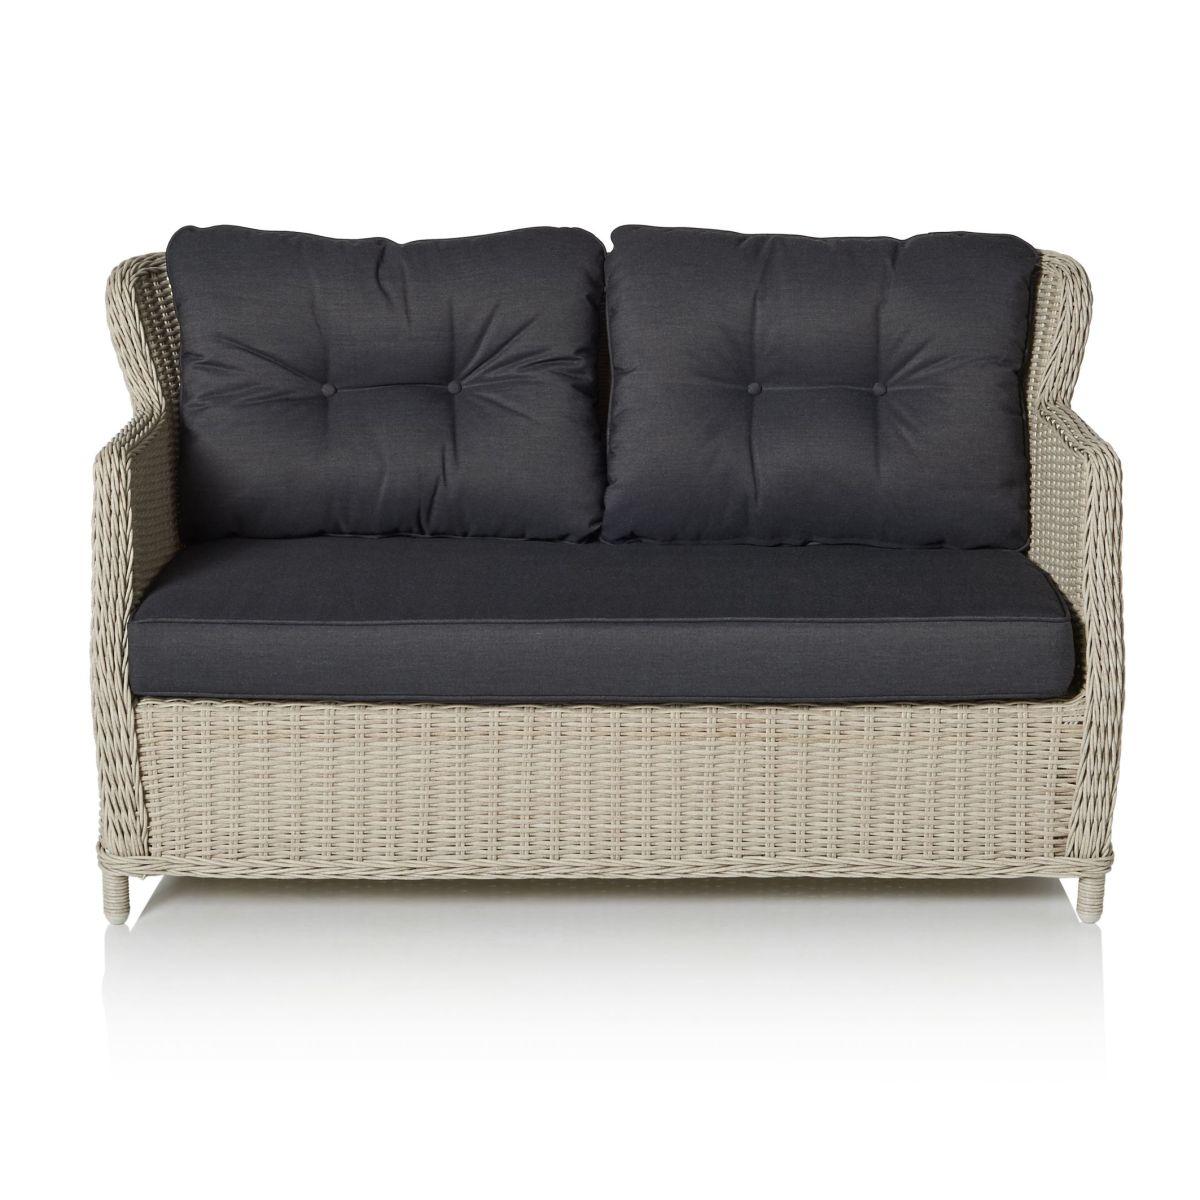 Outdoor-Sofa, inkl. Auflagen